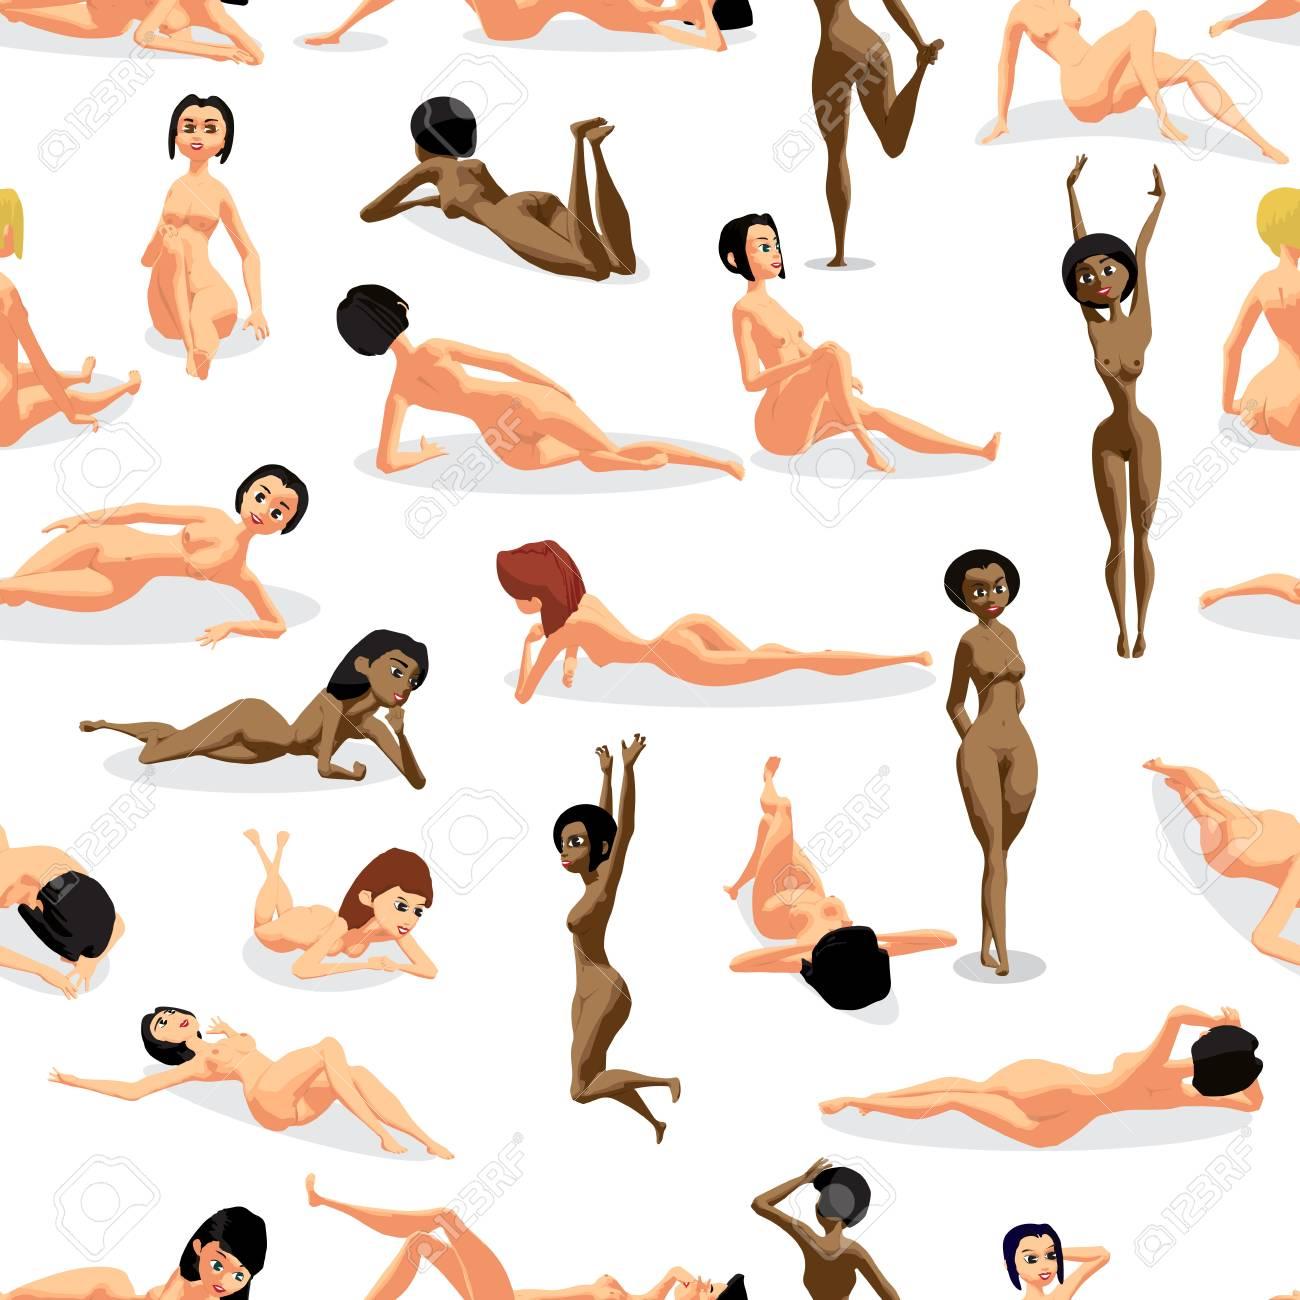 junge nackt ru nudiste